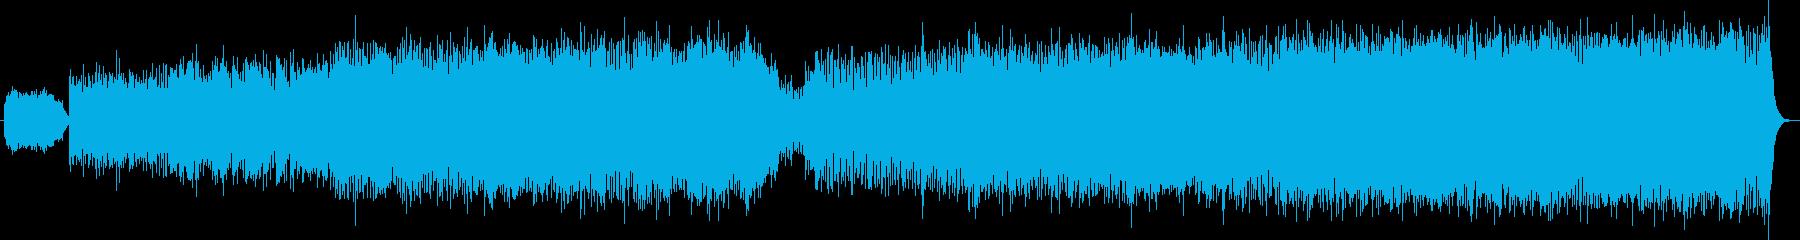 シンセとエレキギター女声ボーカルのロックの再生済みの波形